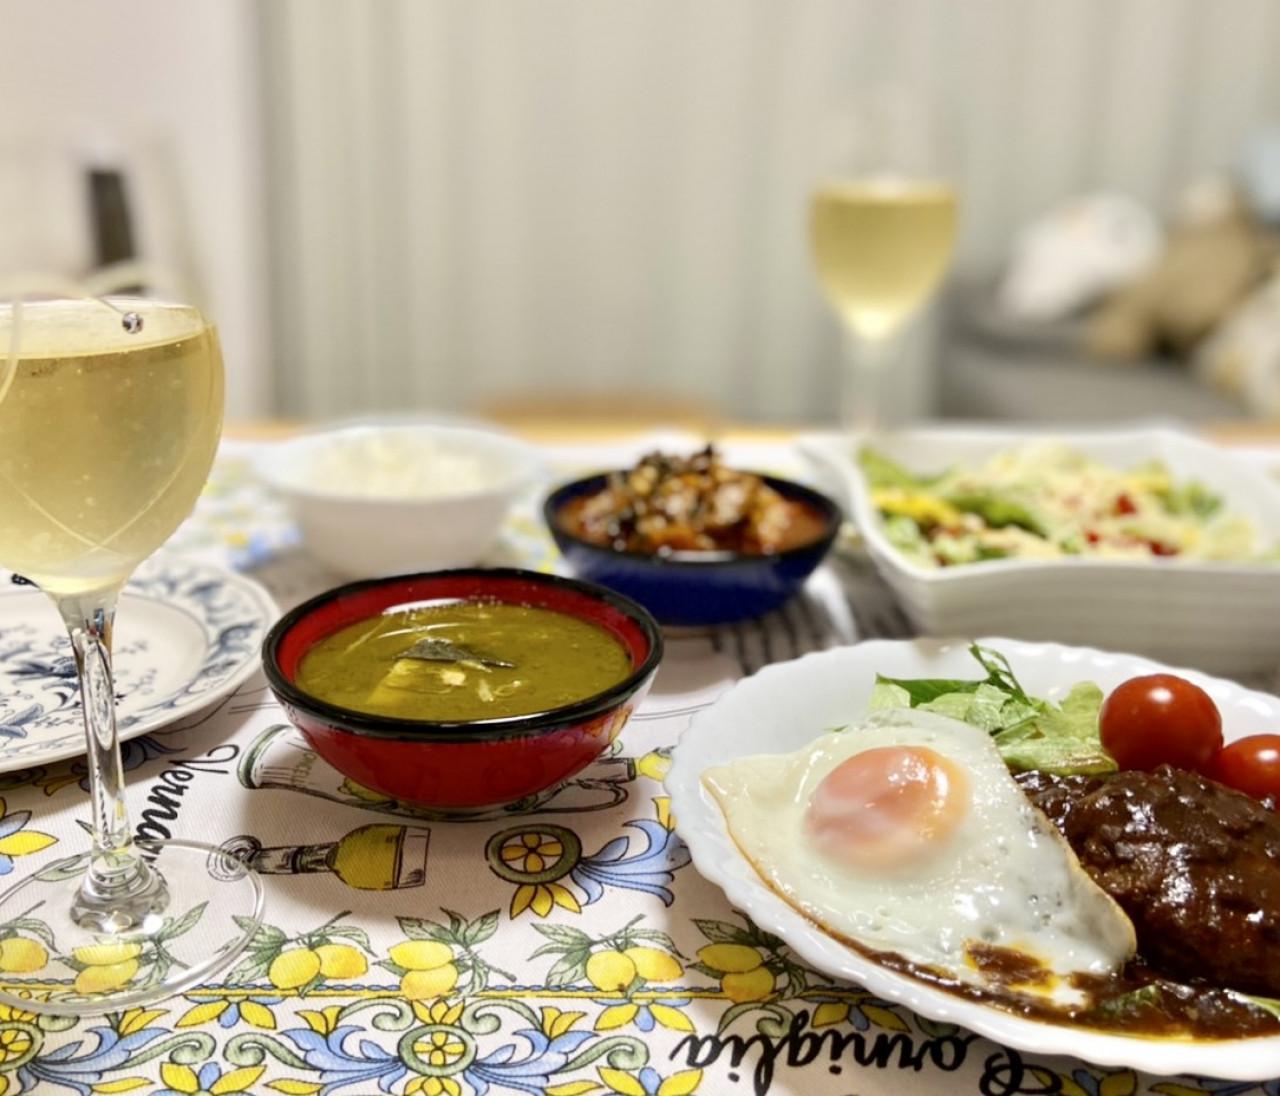 【無印良品】韓国、タイ、ハワイ…手軽に各国料理が楽しめるレトルト食品3種をレビュー!